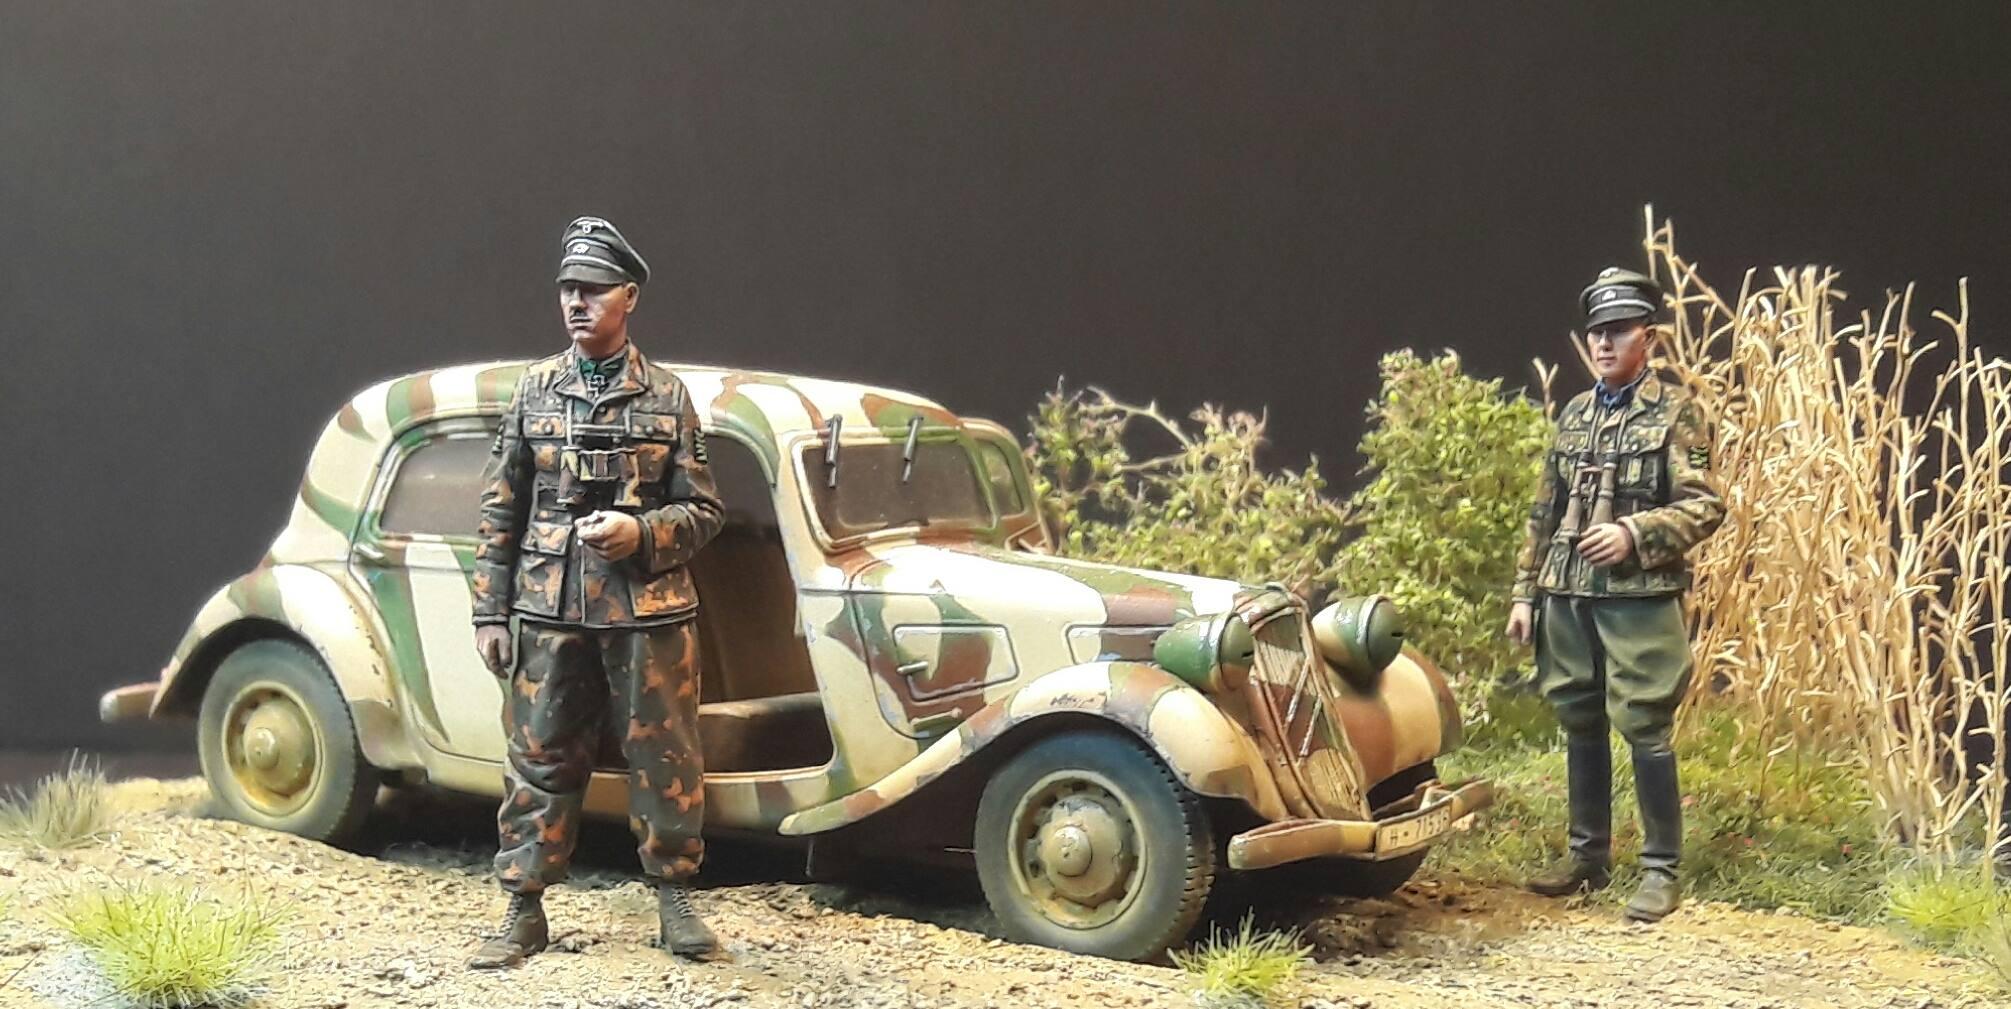 """""""Rosenrot"""" Normandie 1944 131599204649611021195564154093091403706o"""